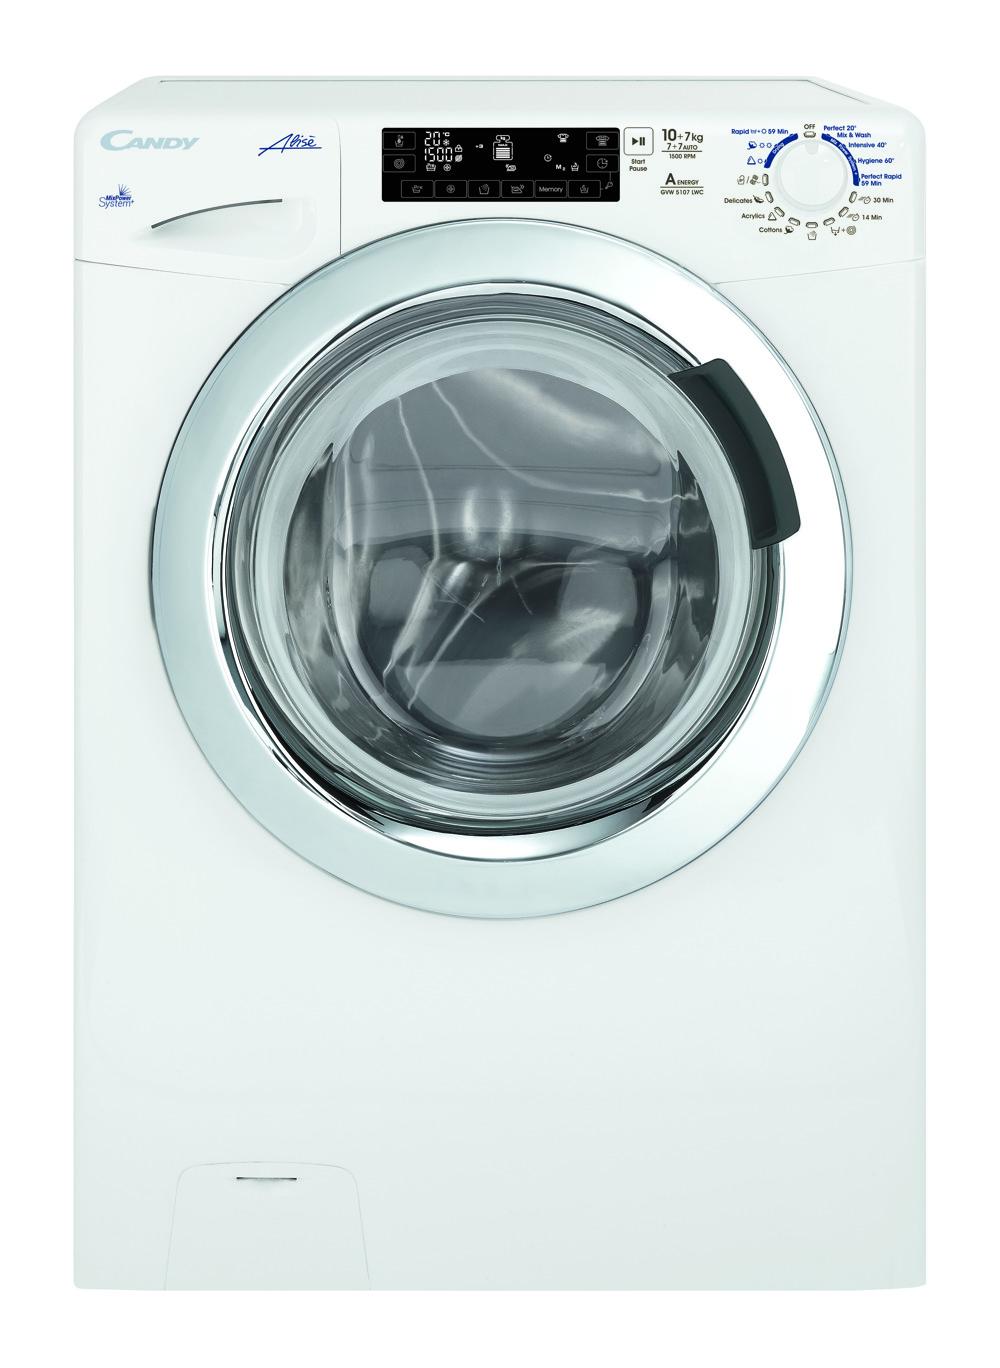 hvidevarer vaskemaskine vaske toerremaskine product candy cdbdn